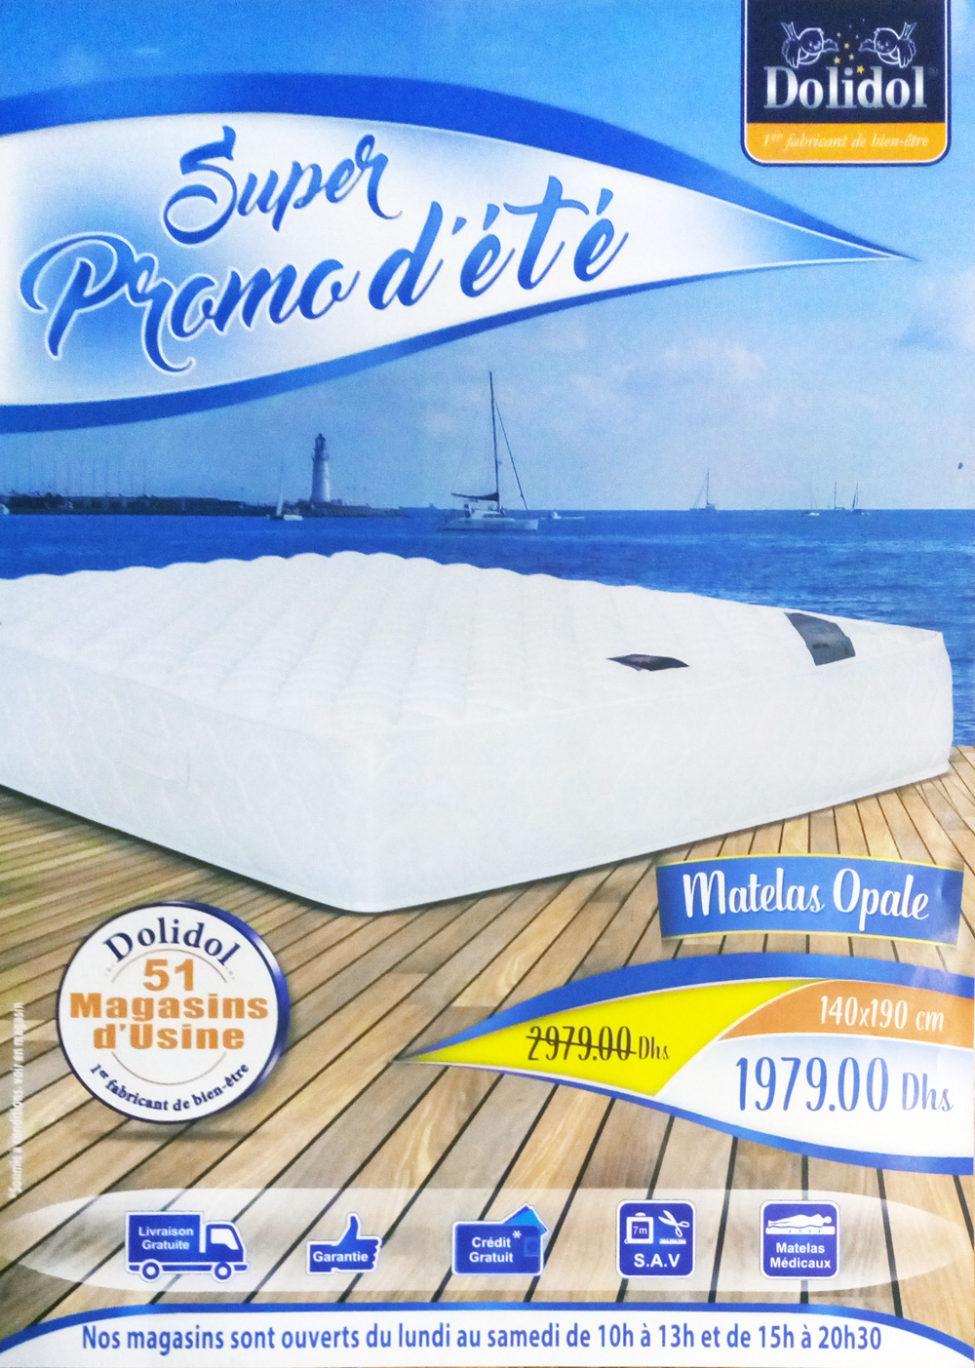 Flyer Dolidol Super Promo d'été du 12 Juin au 12 Août 2019